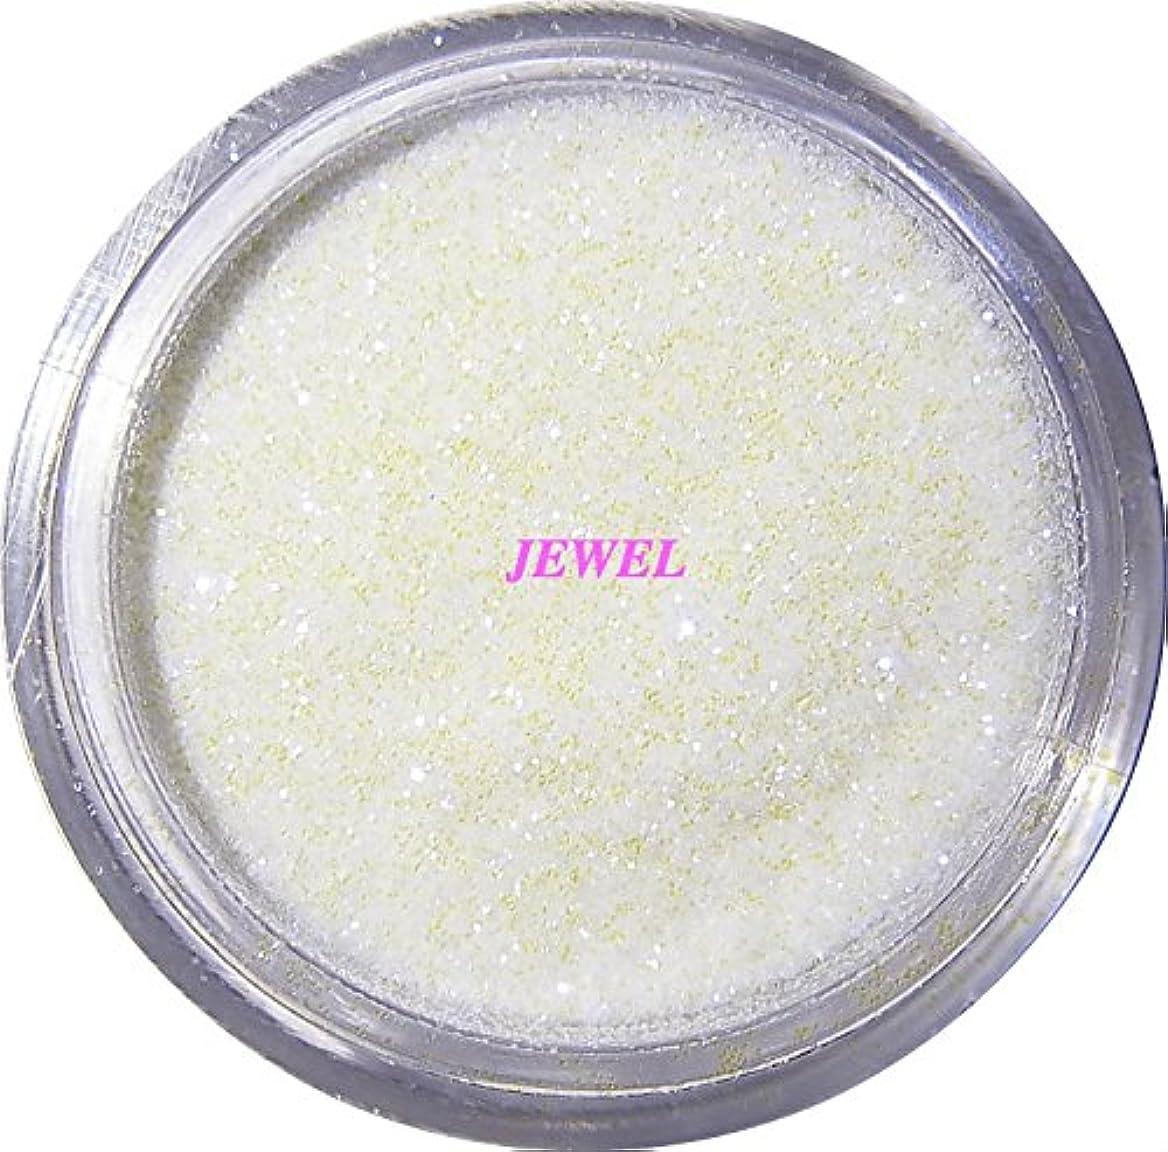 無知仲良しルーキー【jewel】 超微粒子ラメパウダー(白/パールホワイト) 256/1サイズ 2g入り グリッター レジン&ネイル用